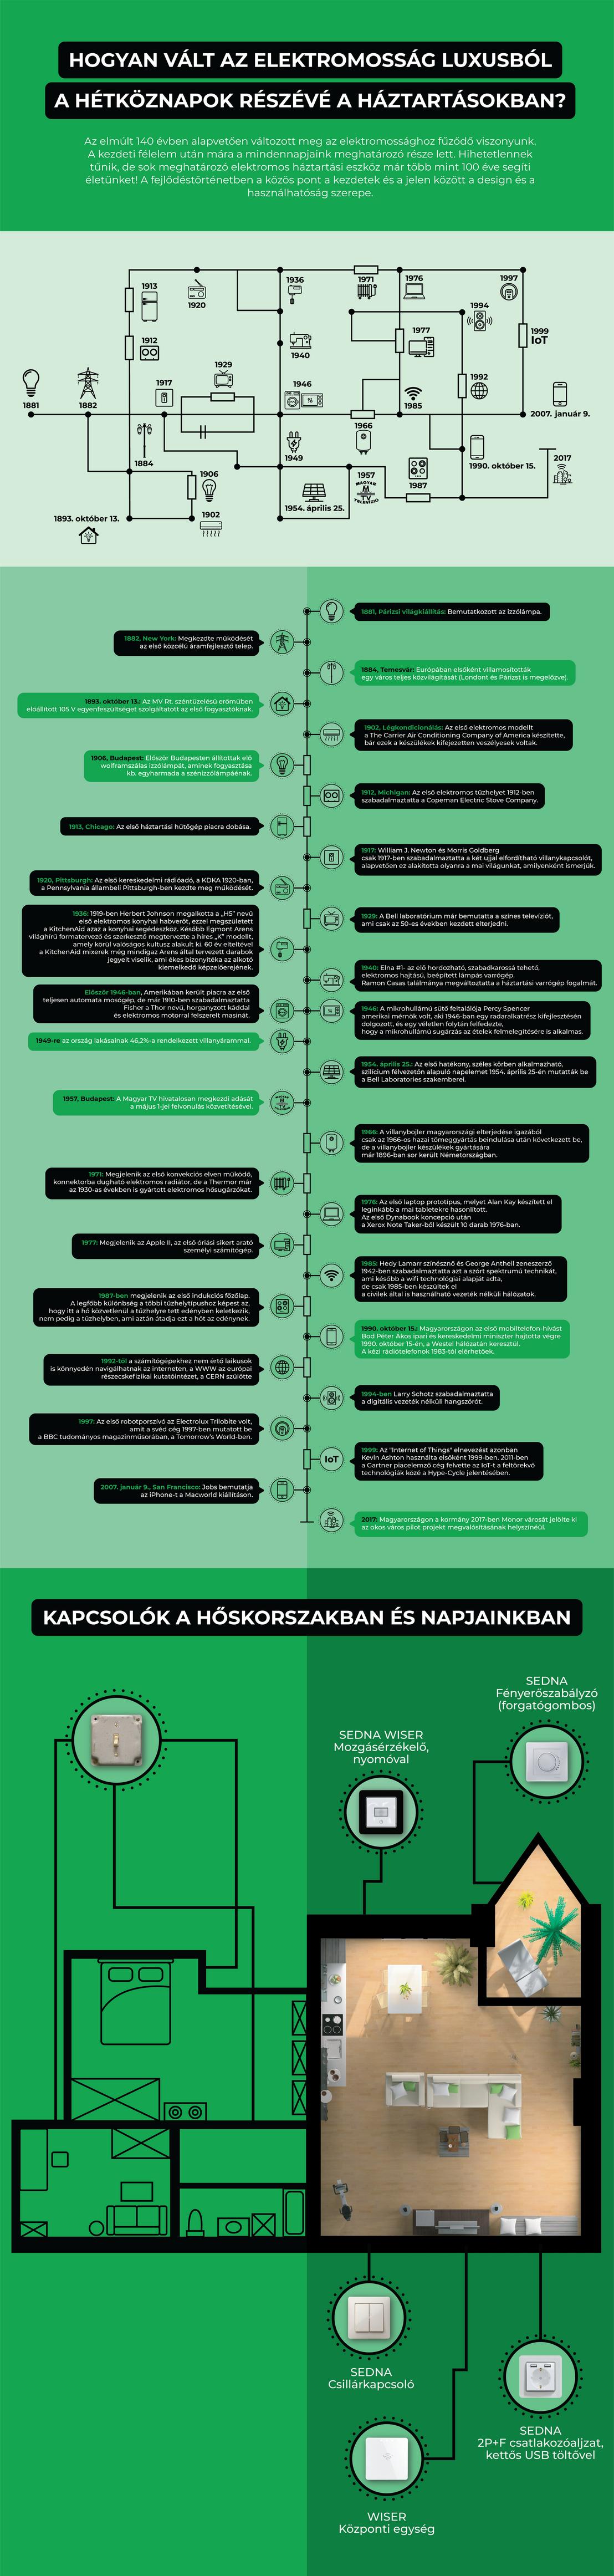 schneider villamosság története